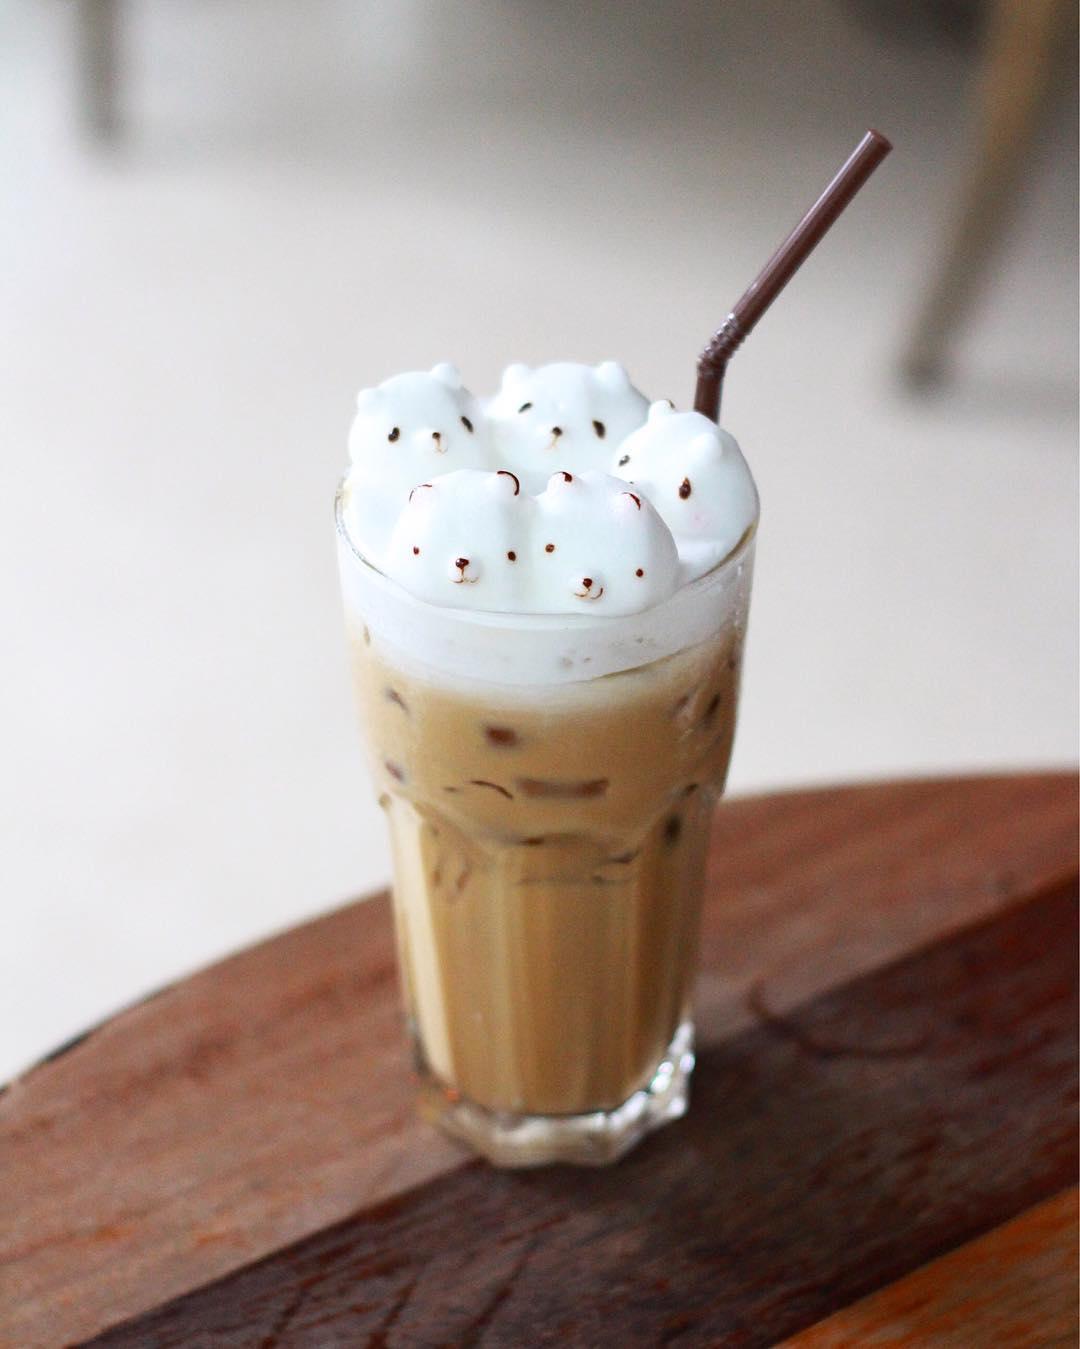 15 tác phẩm tranh vẽ latte khiến hội ghiền cà phê thích mê - Ảnh 5.